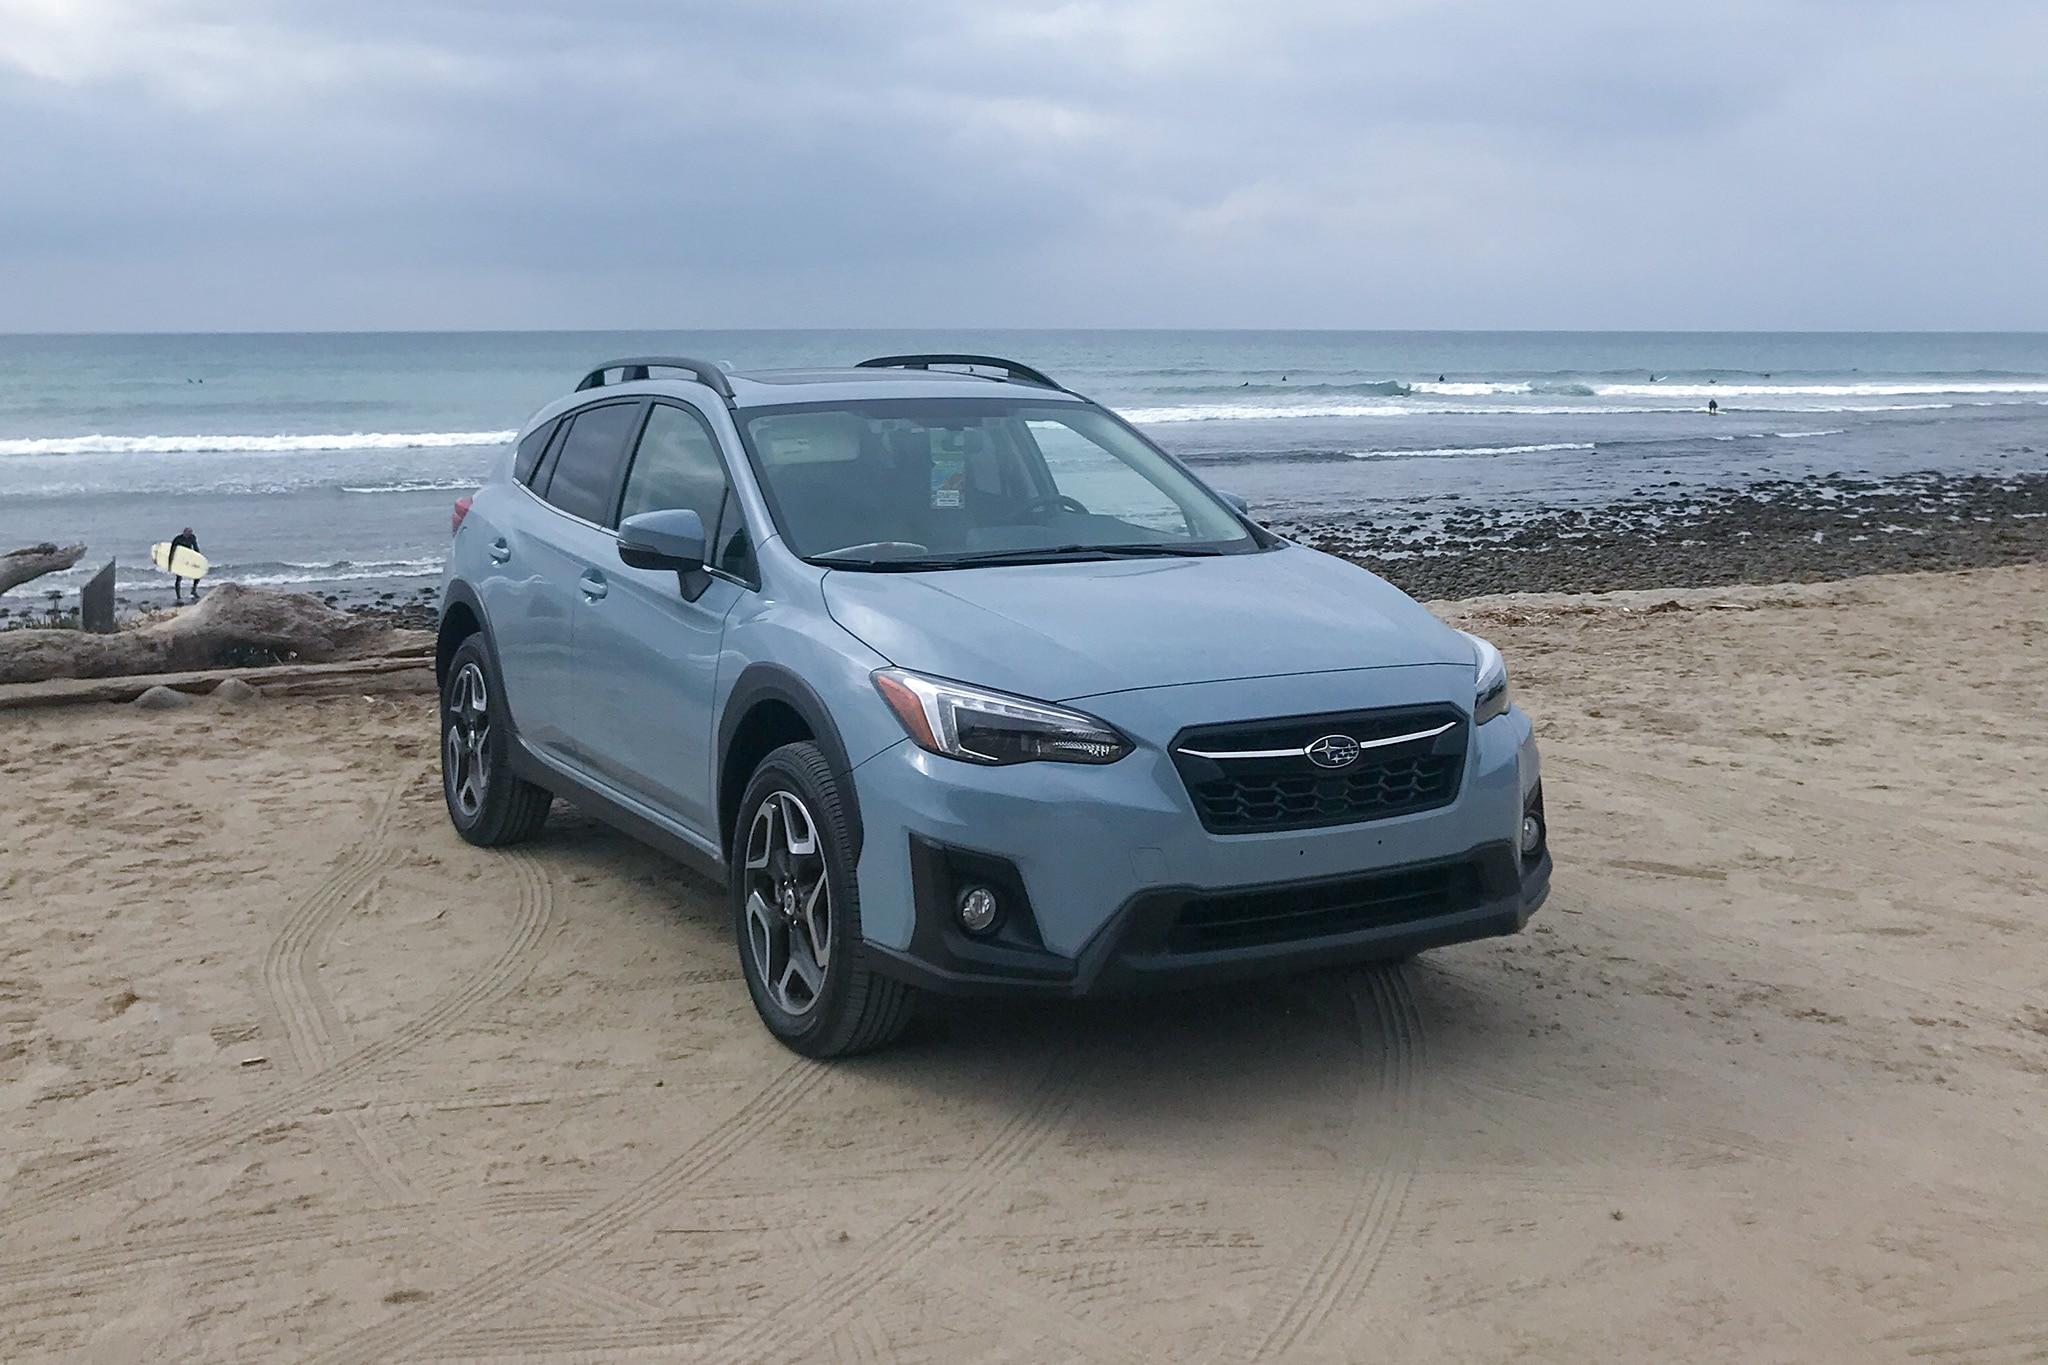 2018 Subaru Crosstrek 2 0i Limited One Week Review